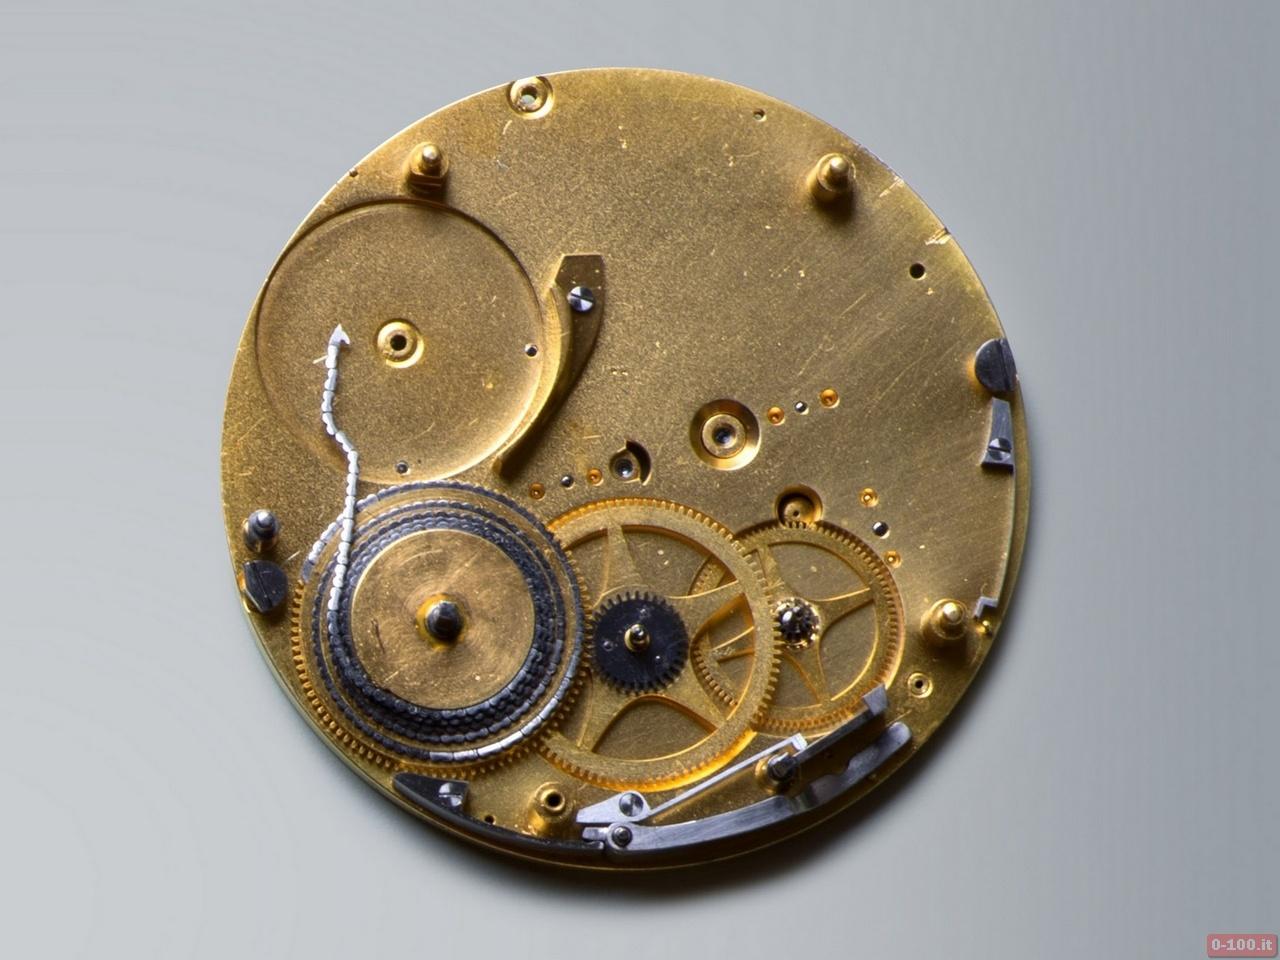 louis-moinet-compteur-de-tierces-chronograph-1816_0-100_21